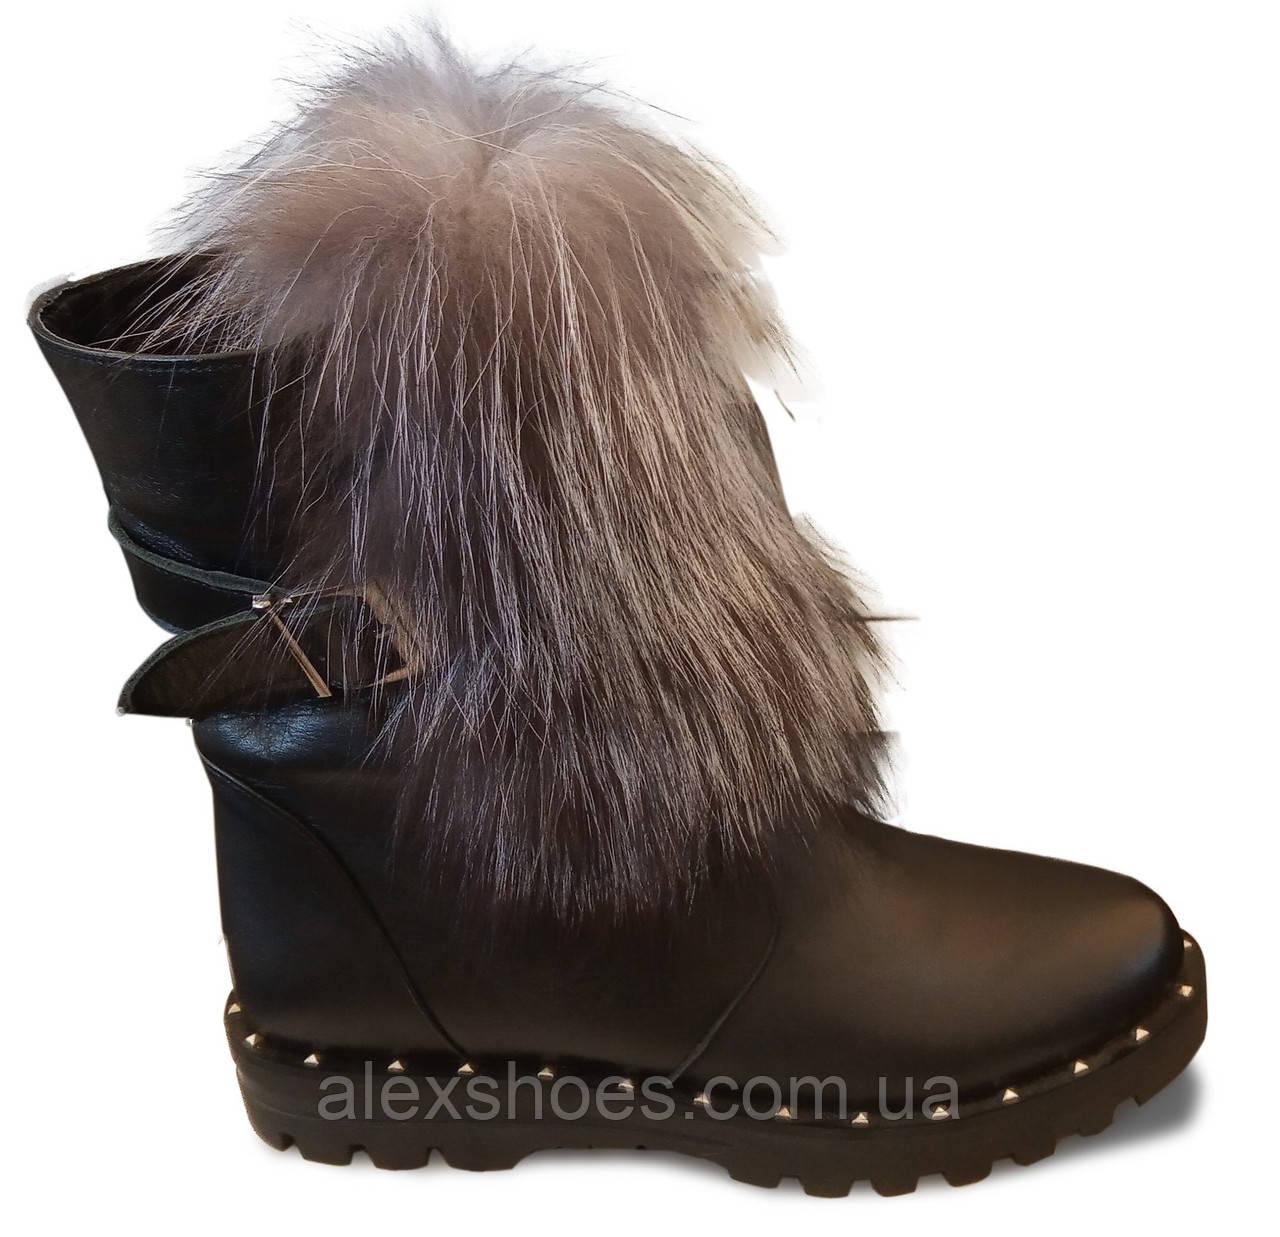 Ботинки женские зима на широком каблучке из натуральной кожи от производителя модель ЛУ436